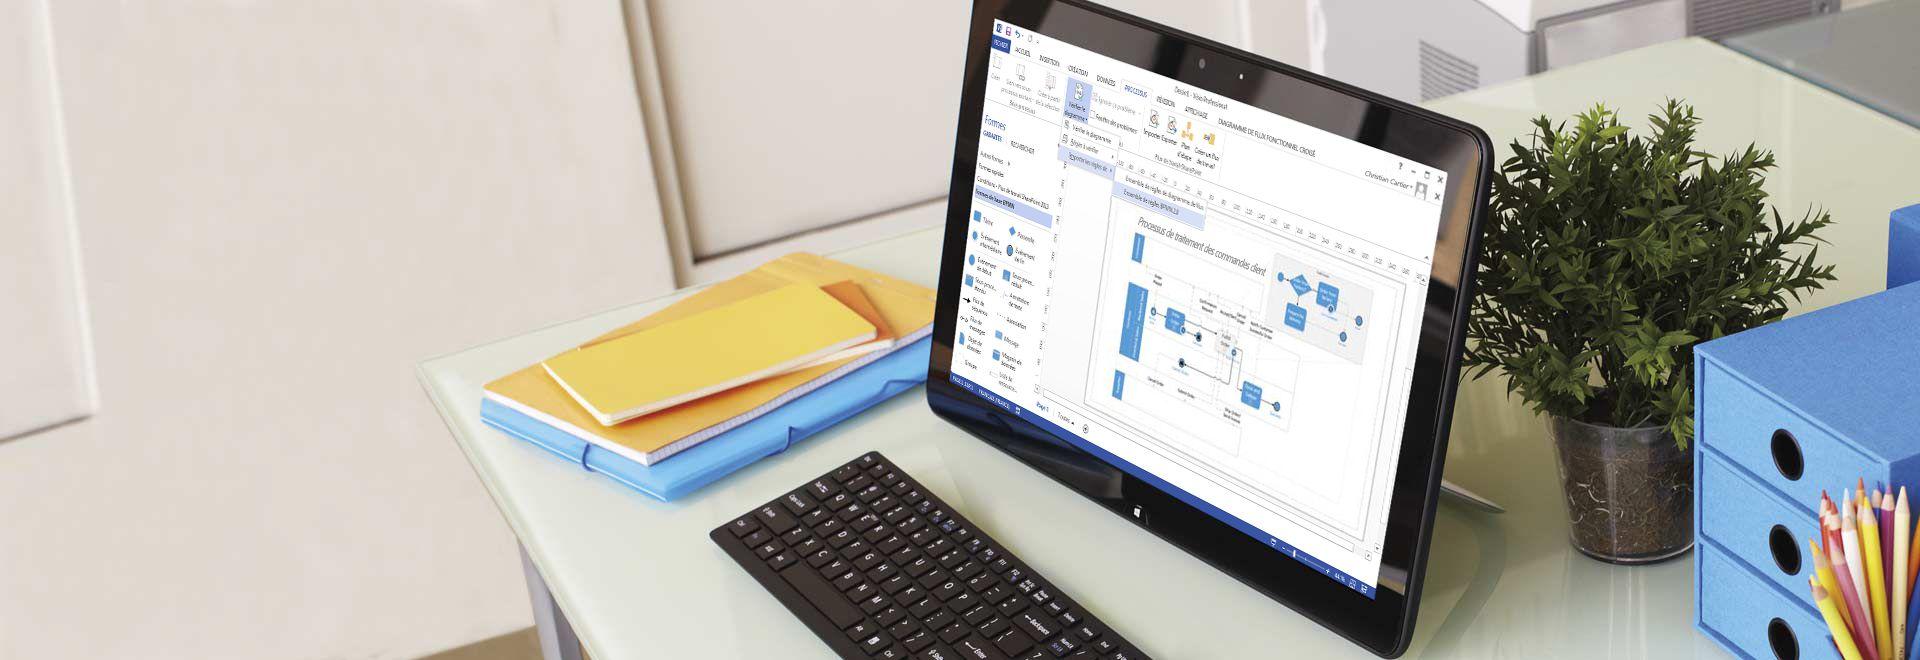 Tablette sur un bureau affichant un diagramme de processus dans Visio Professionnel 2016